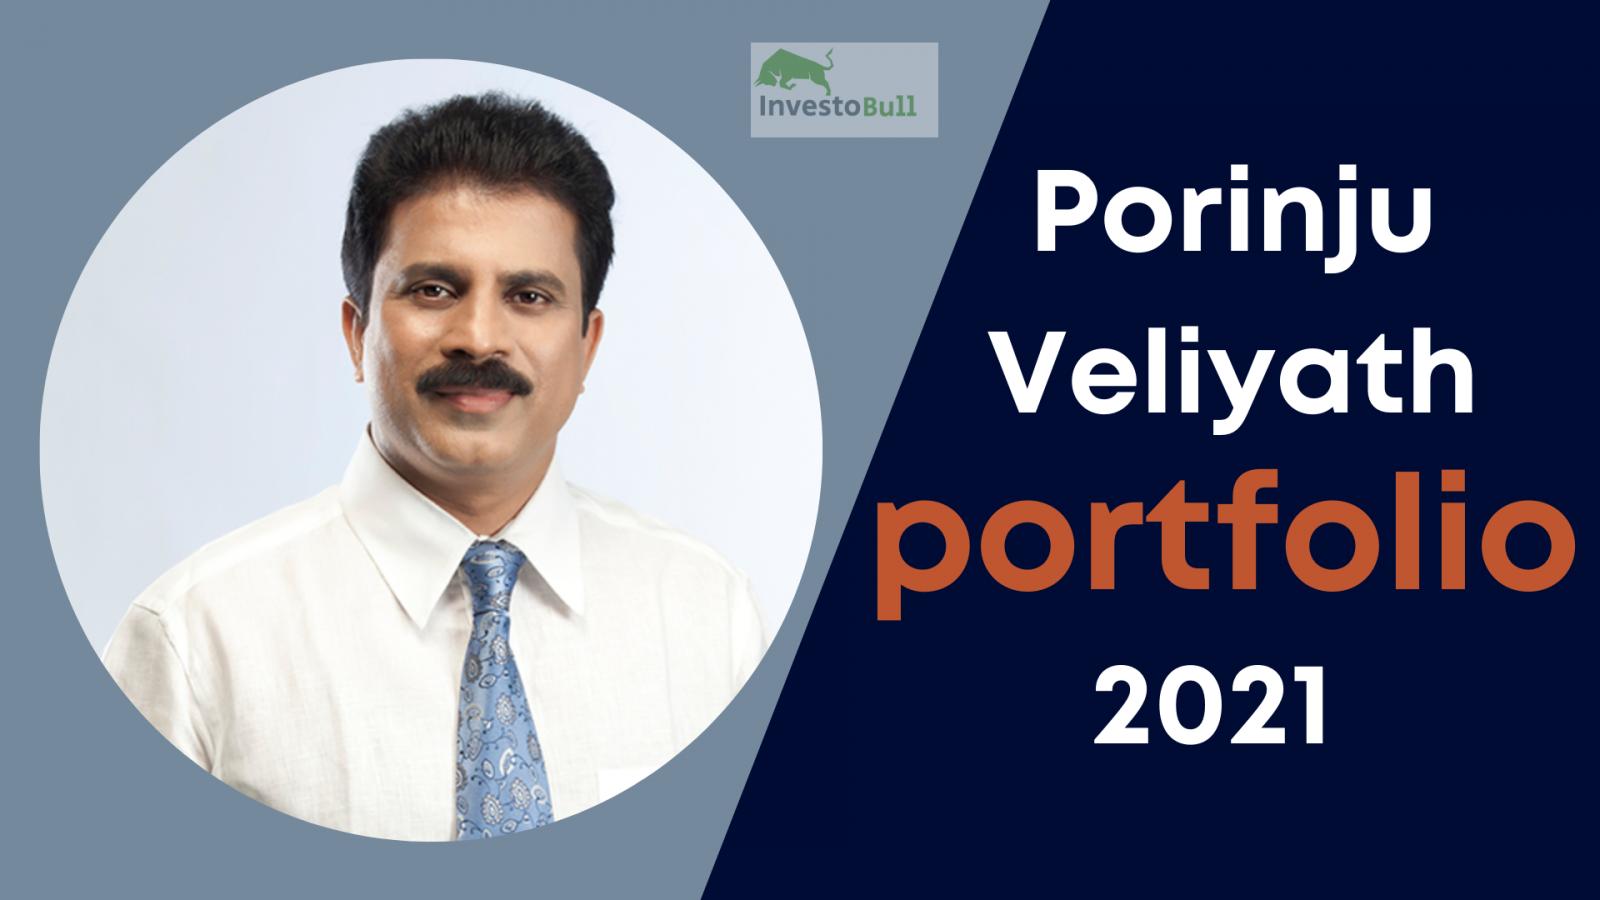 Porinju Veliyath Portfolio